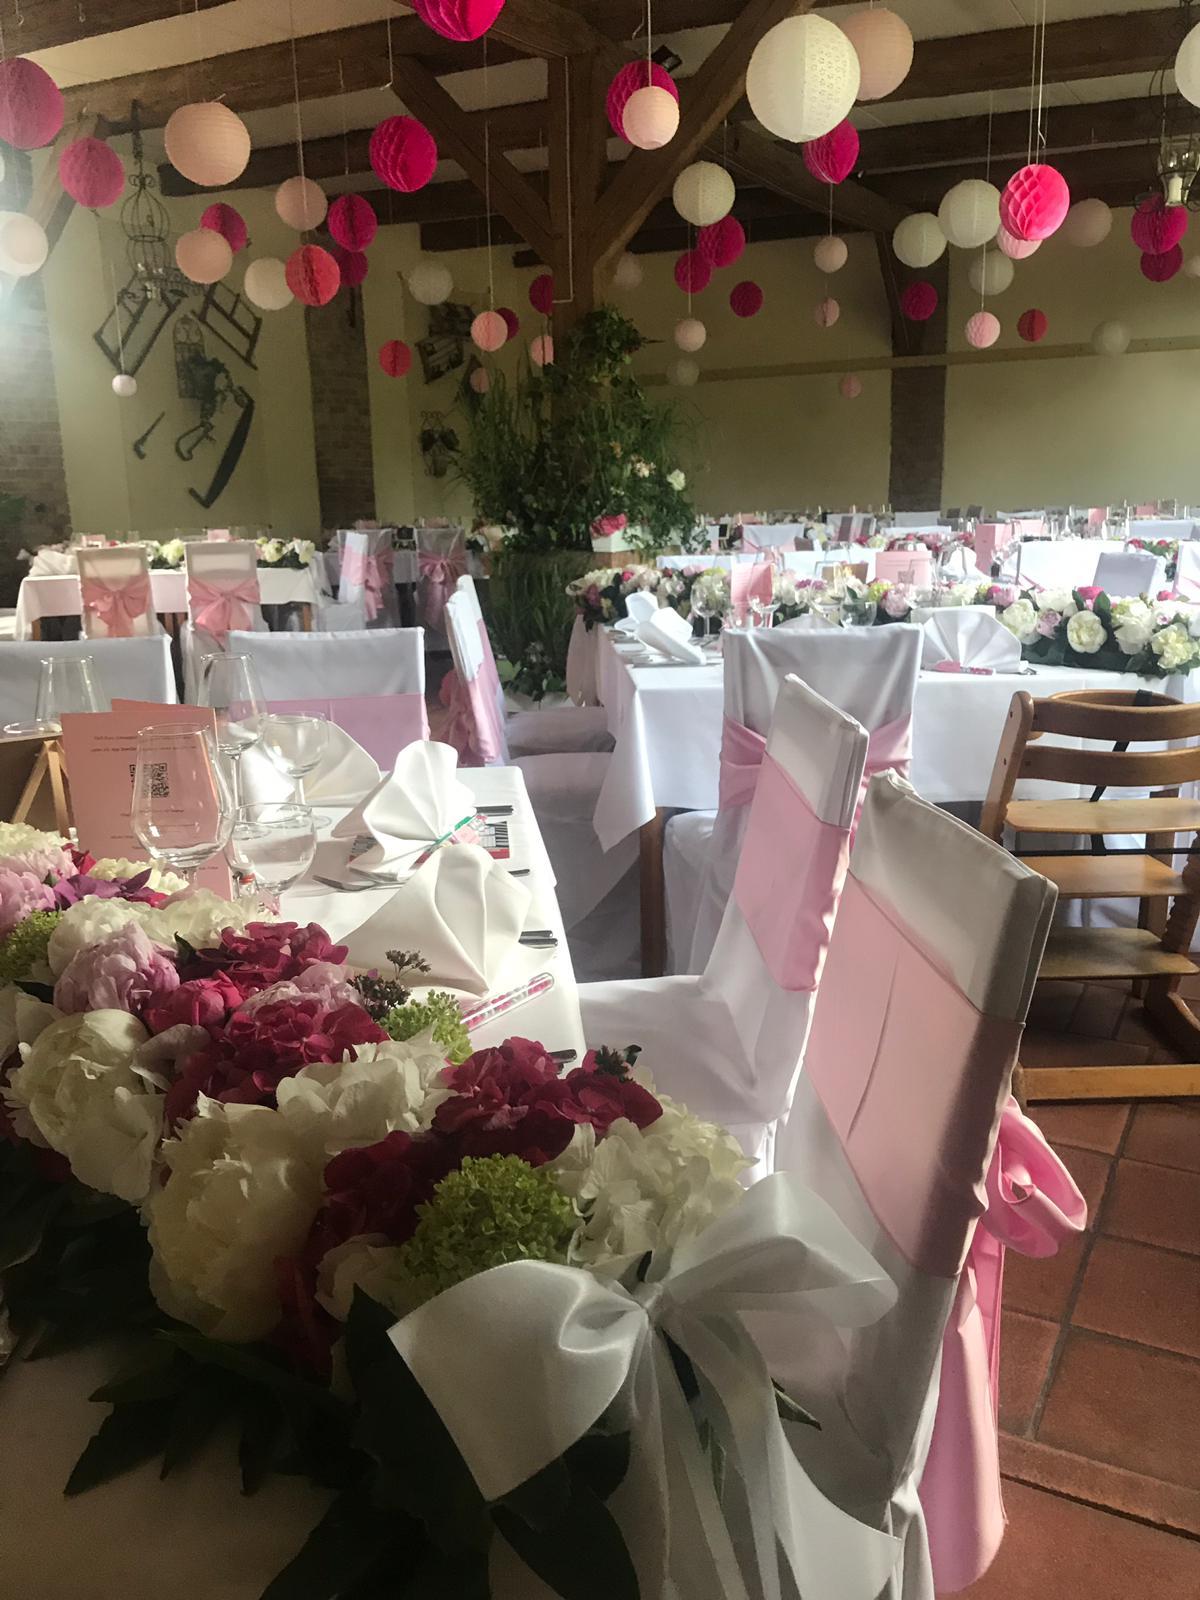 Für Ihren schönsten Tag im Leben - Hochzeitfeiern im Hotel Alte Försterei Kloster Zinna